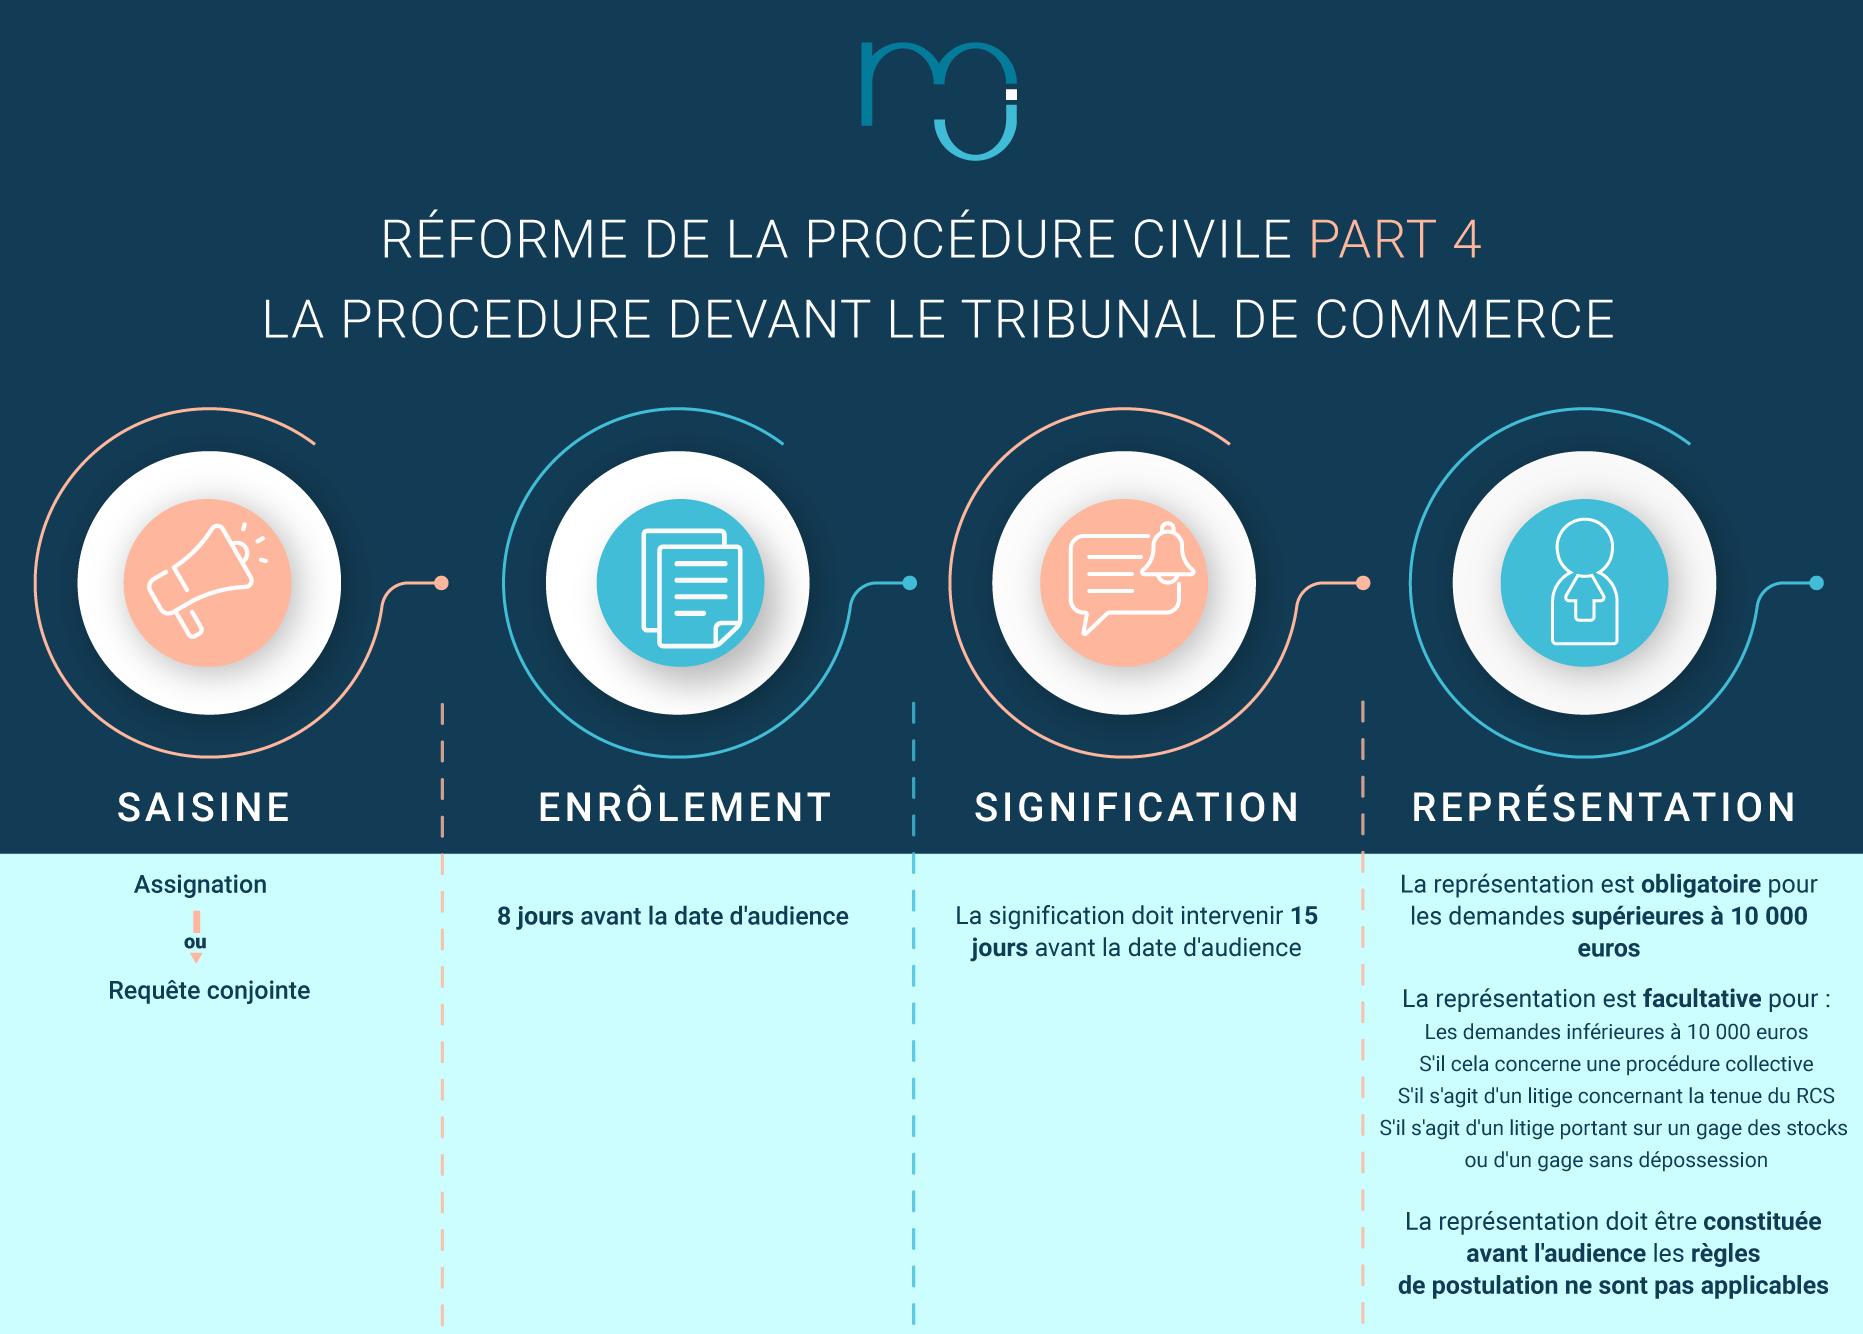 Réforme de la procédure civile [PARTIE 4]